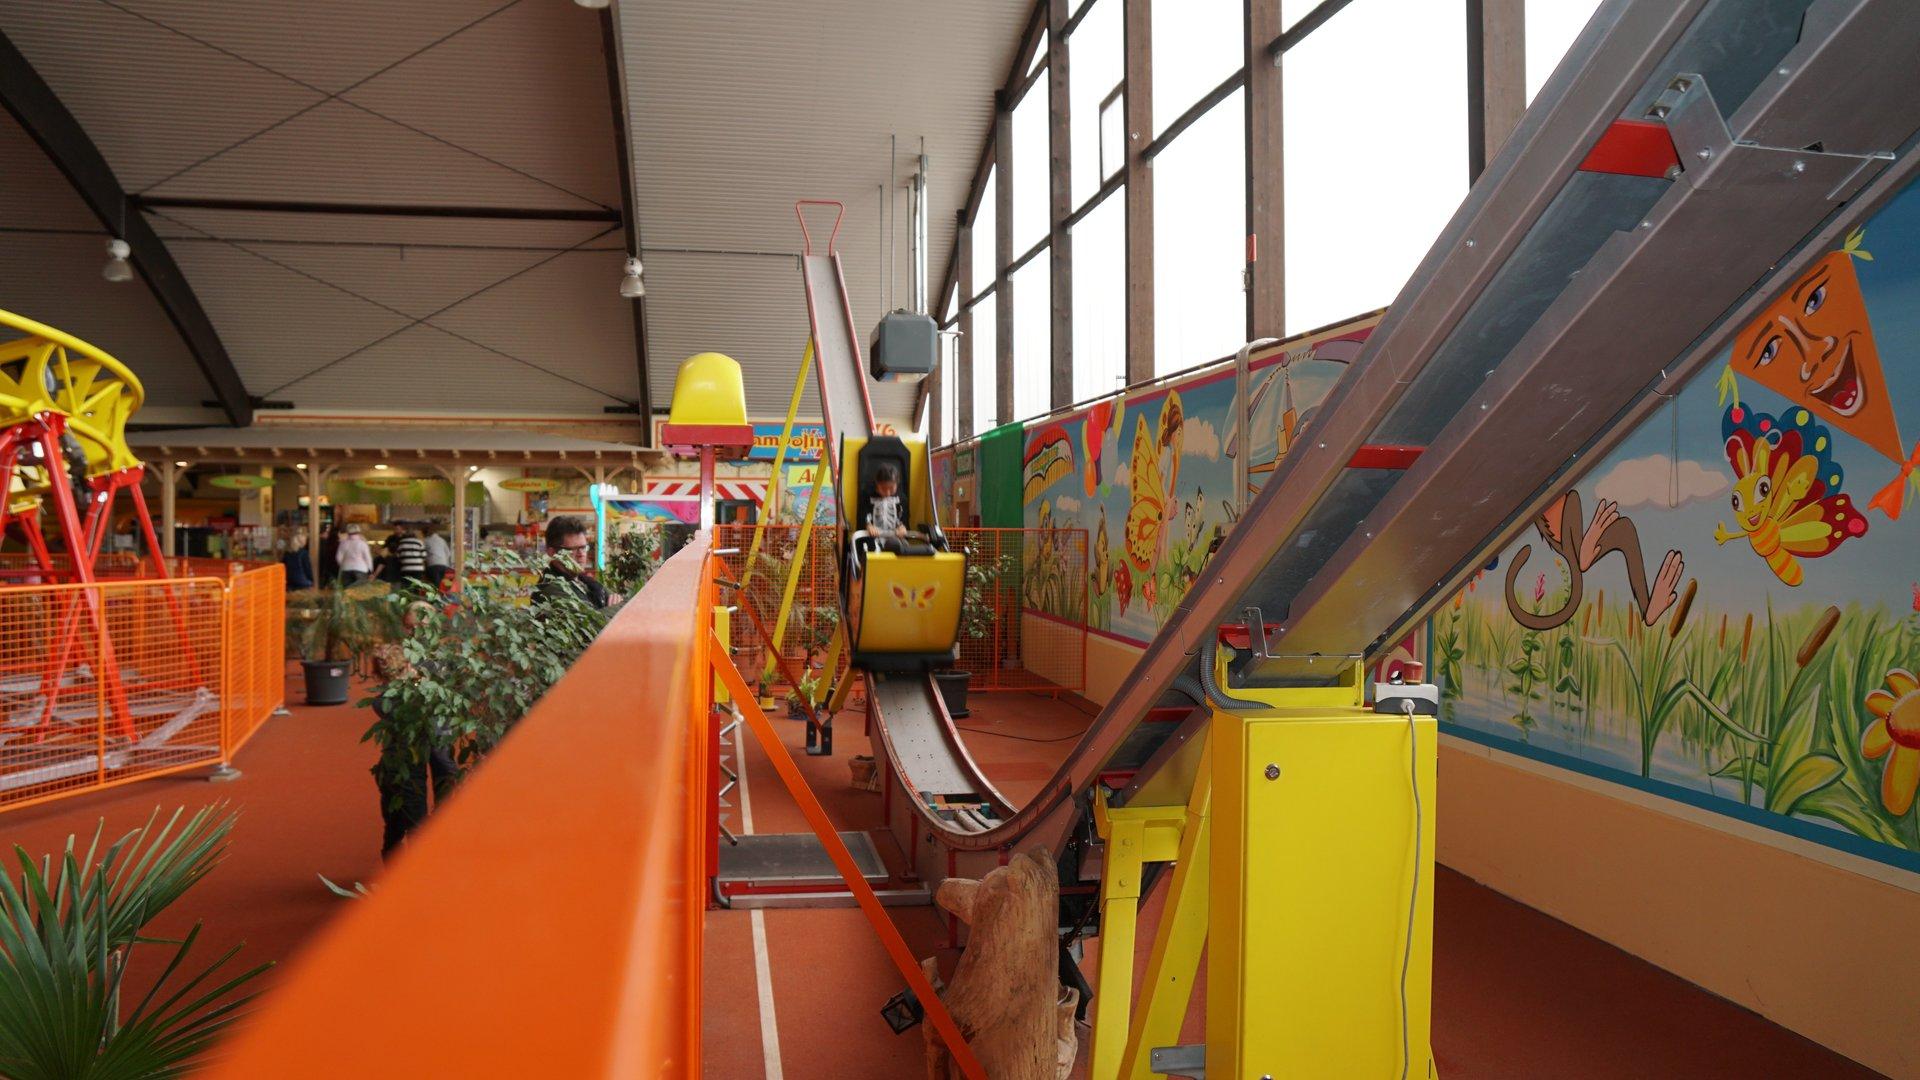 Indoorspielplatz Rheinland-Pfalz